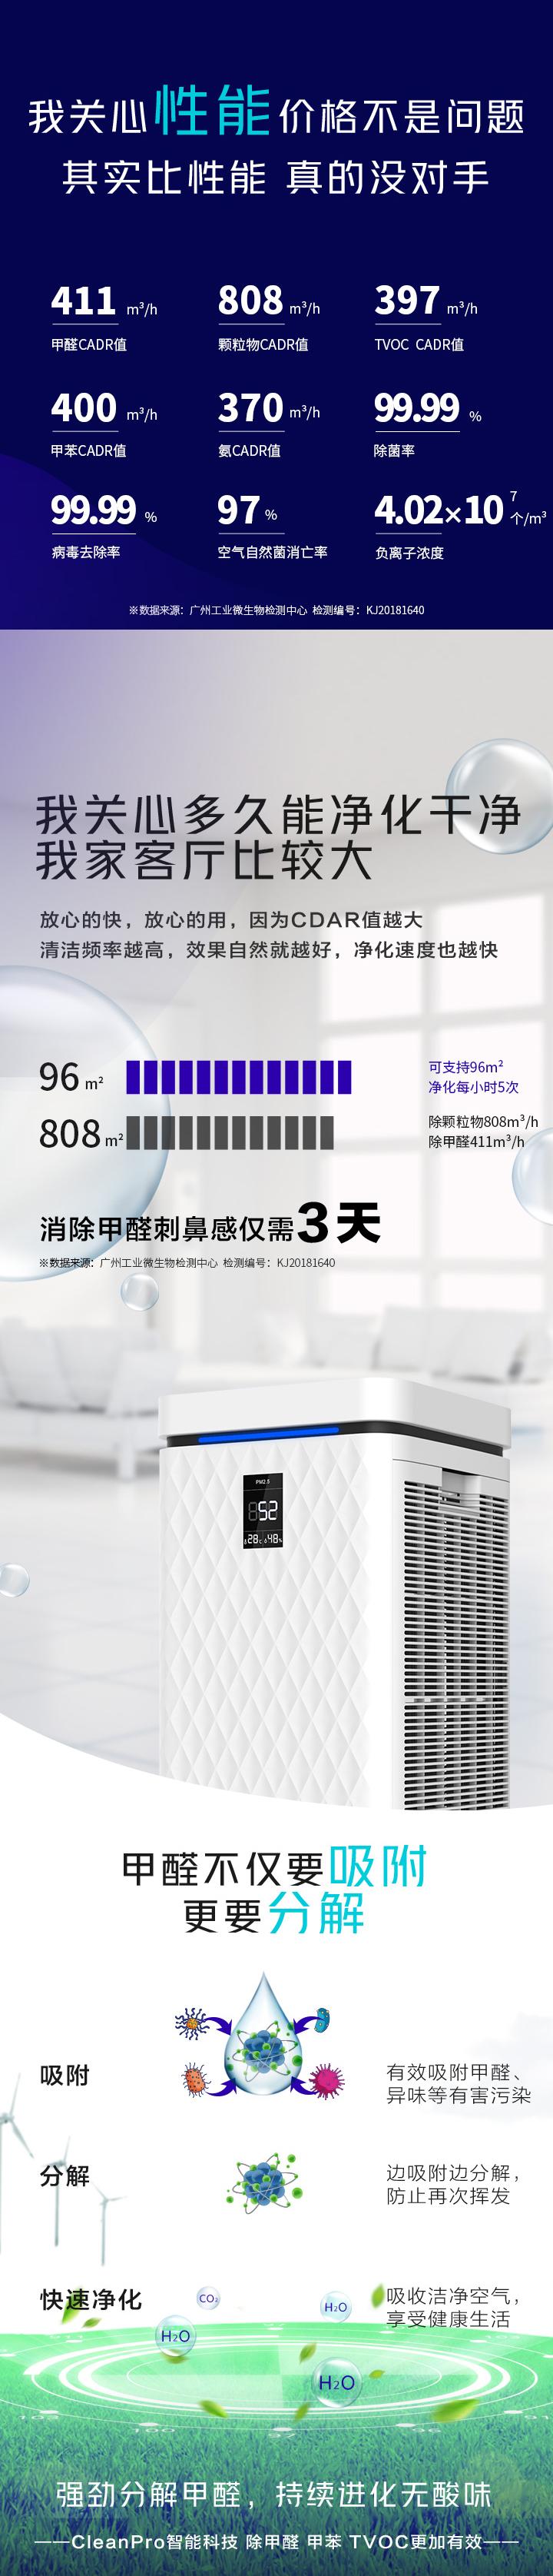 Survival森晨S80空气净化器免费试用,评测